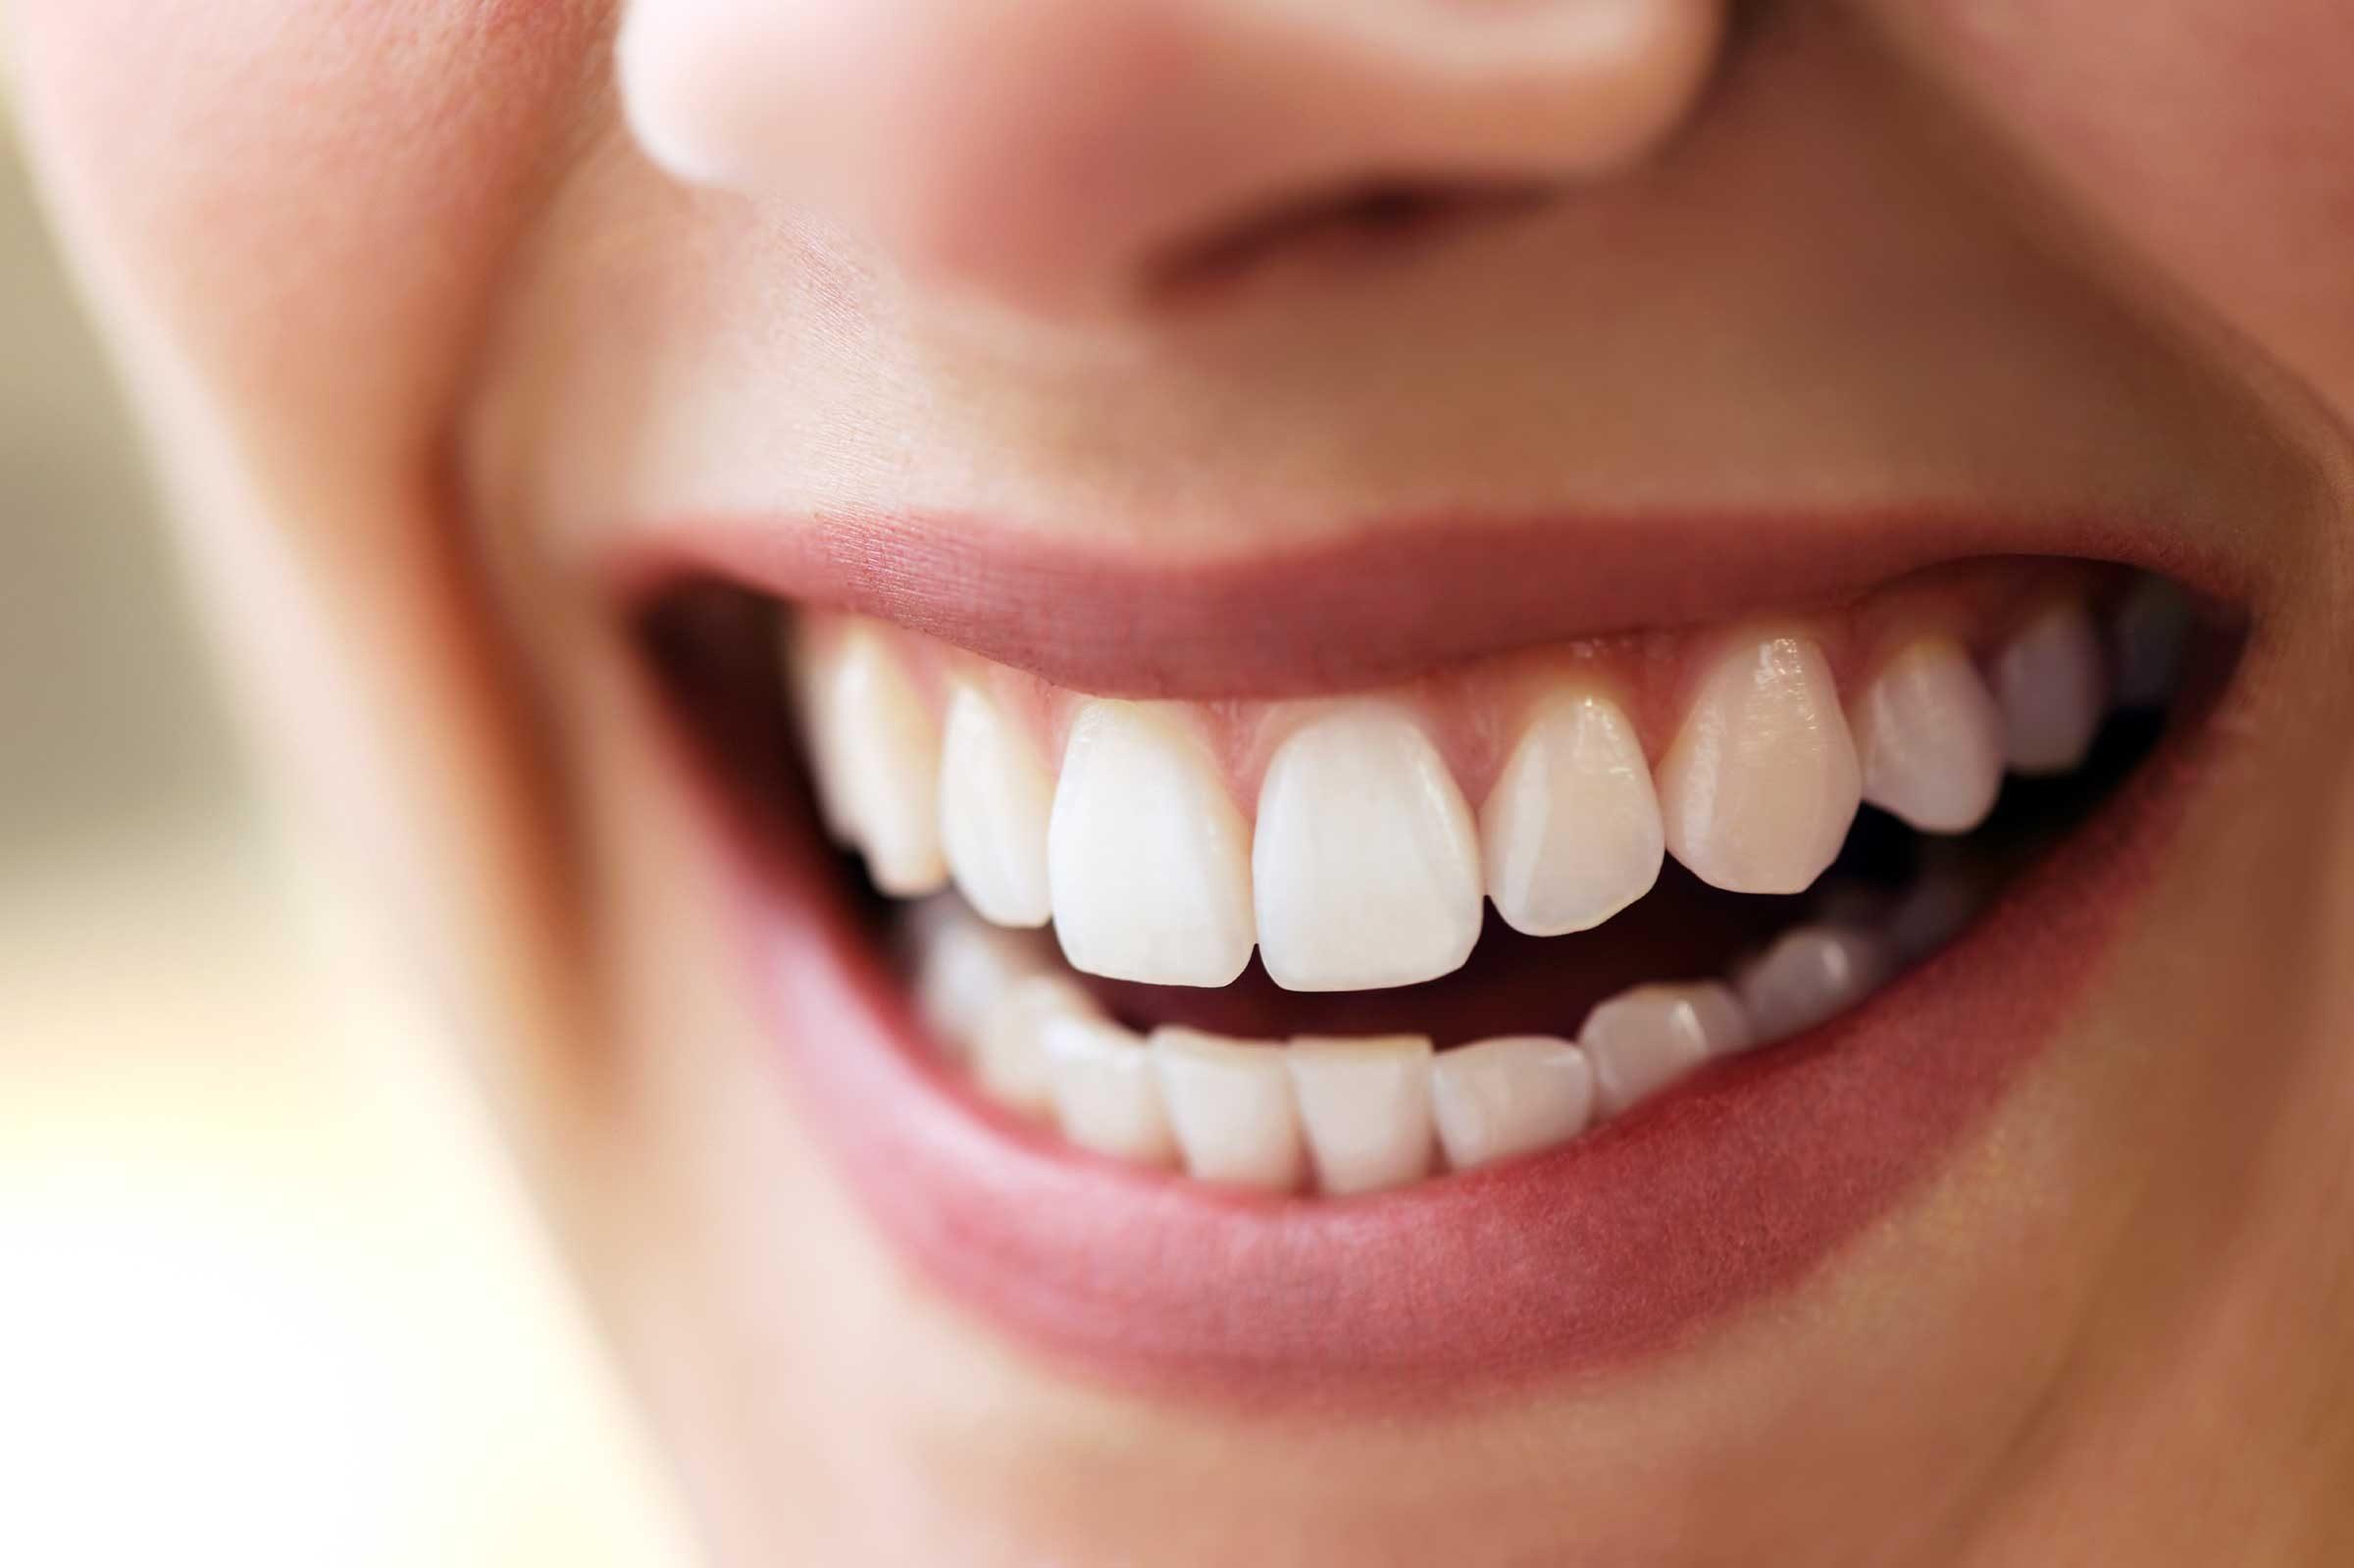 I should examine your teeth